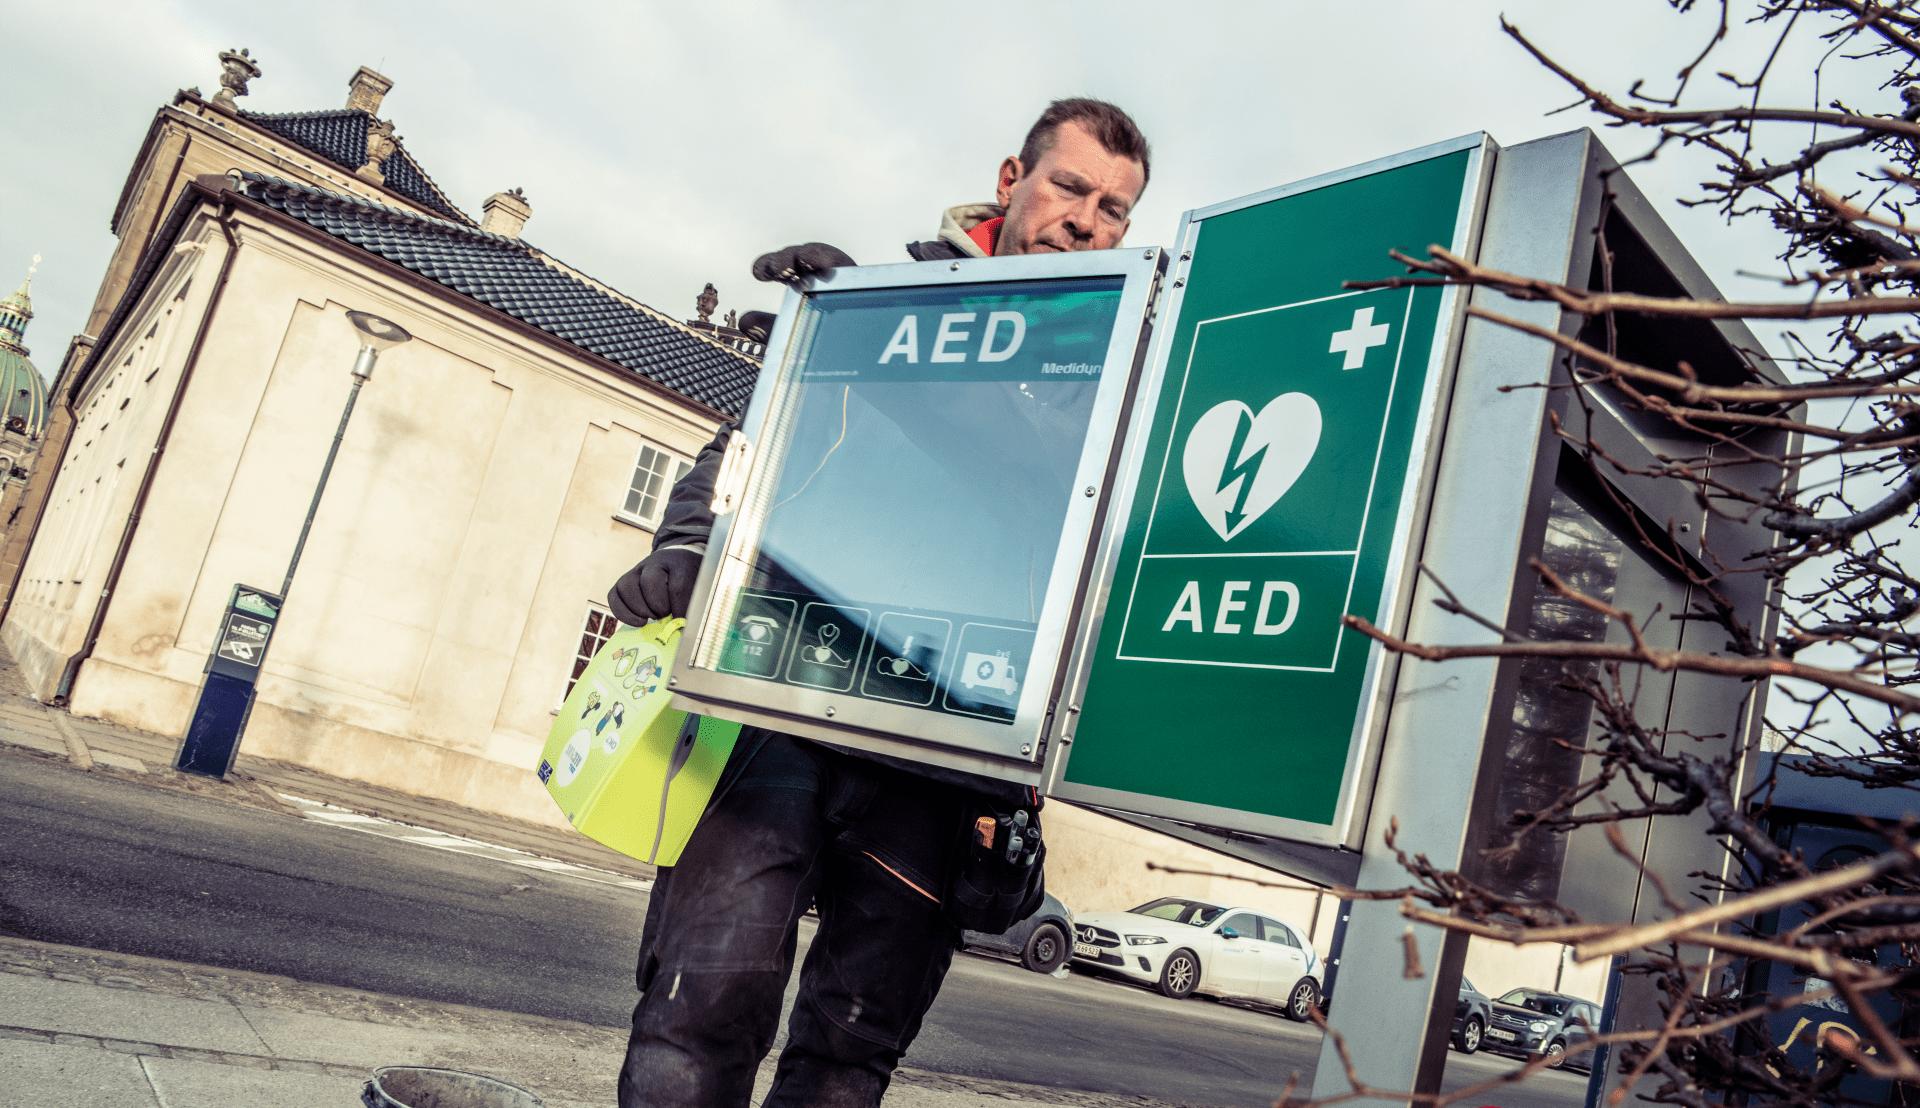 Opsaetning af en hjertestarter i Odense